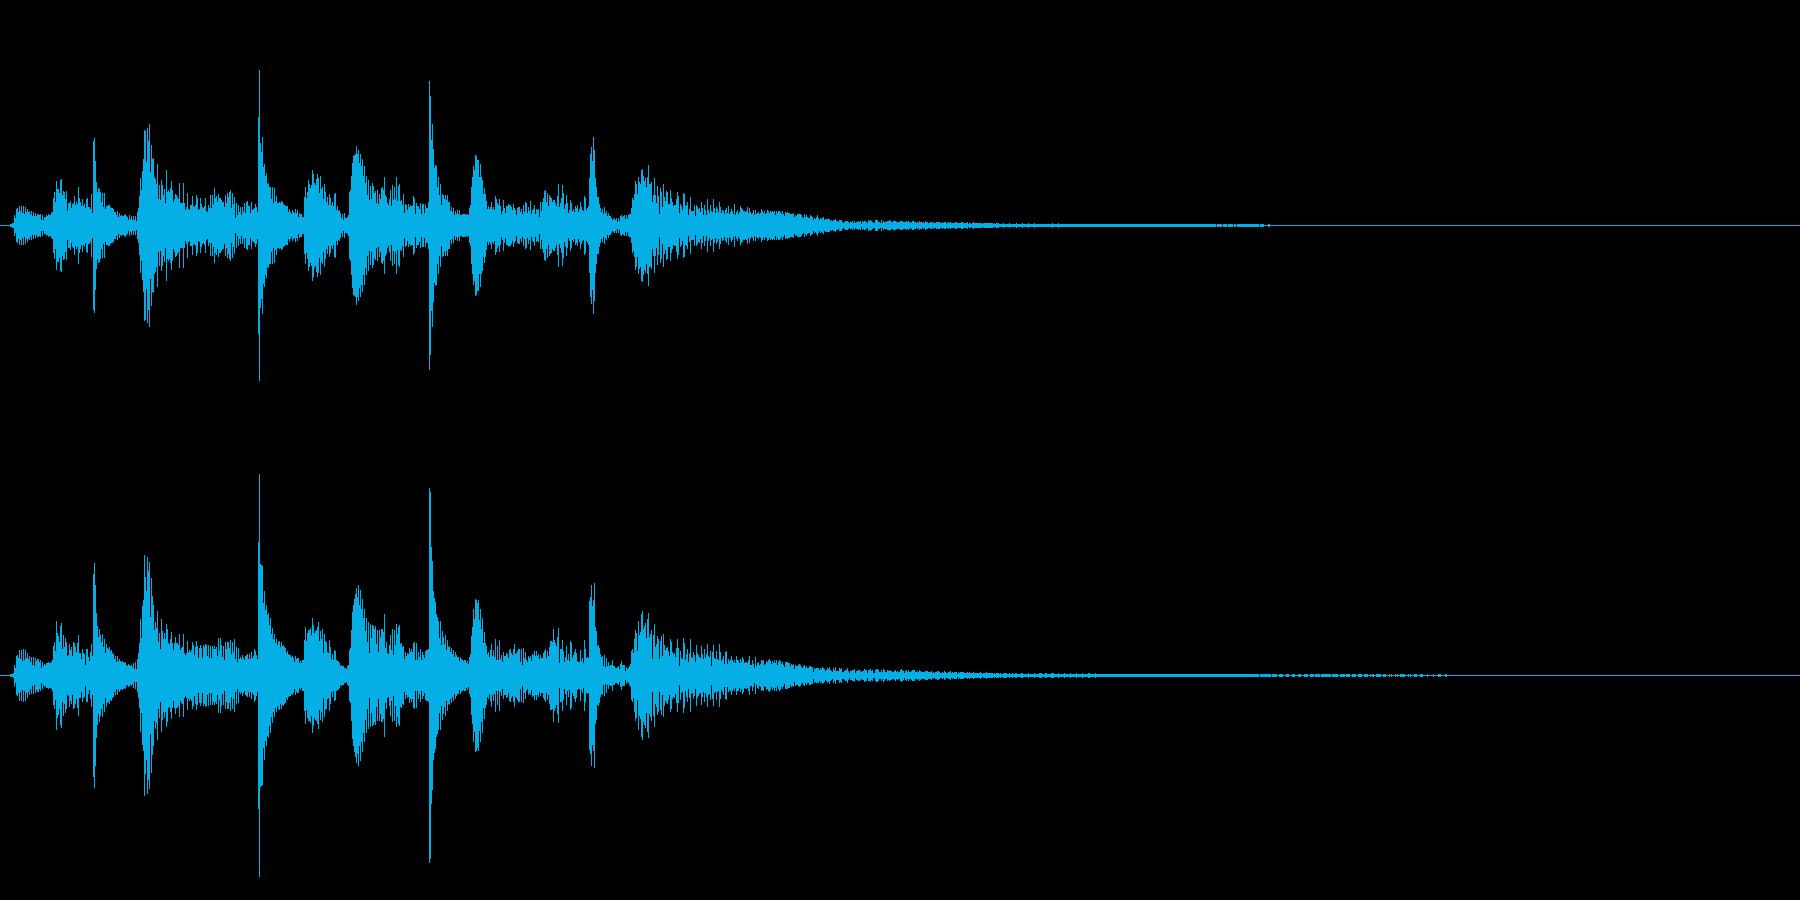 アコースティックギターのジングルの再生済みの波形